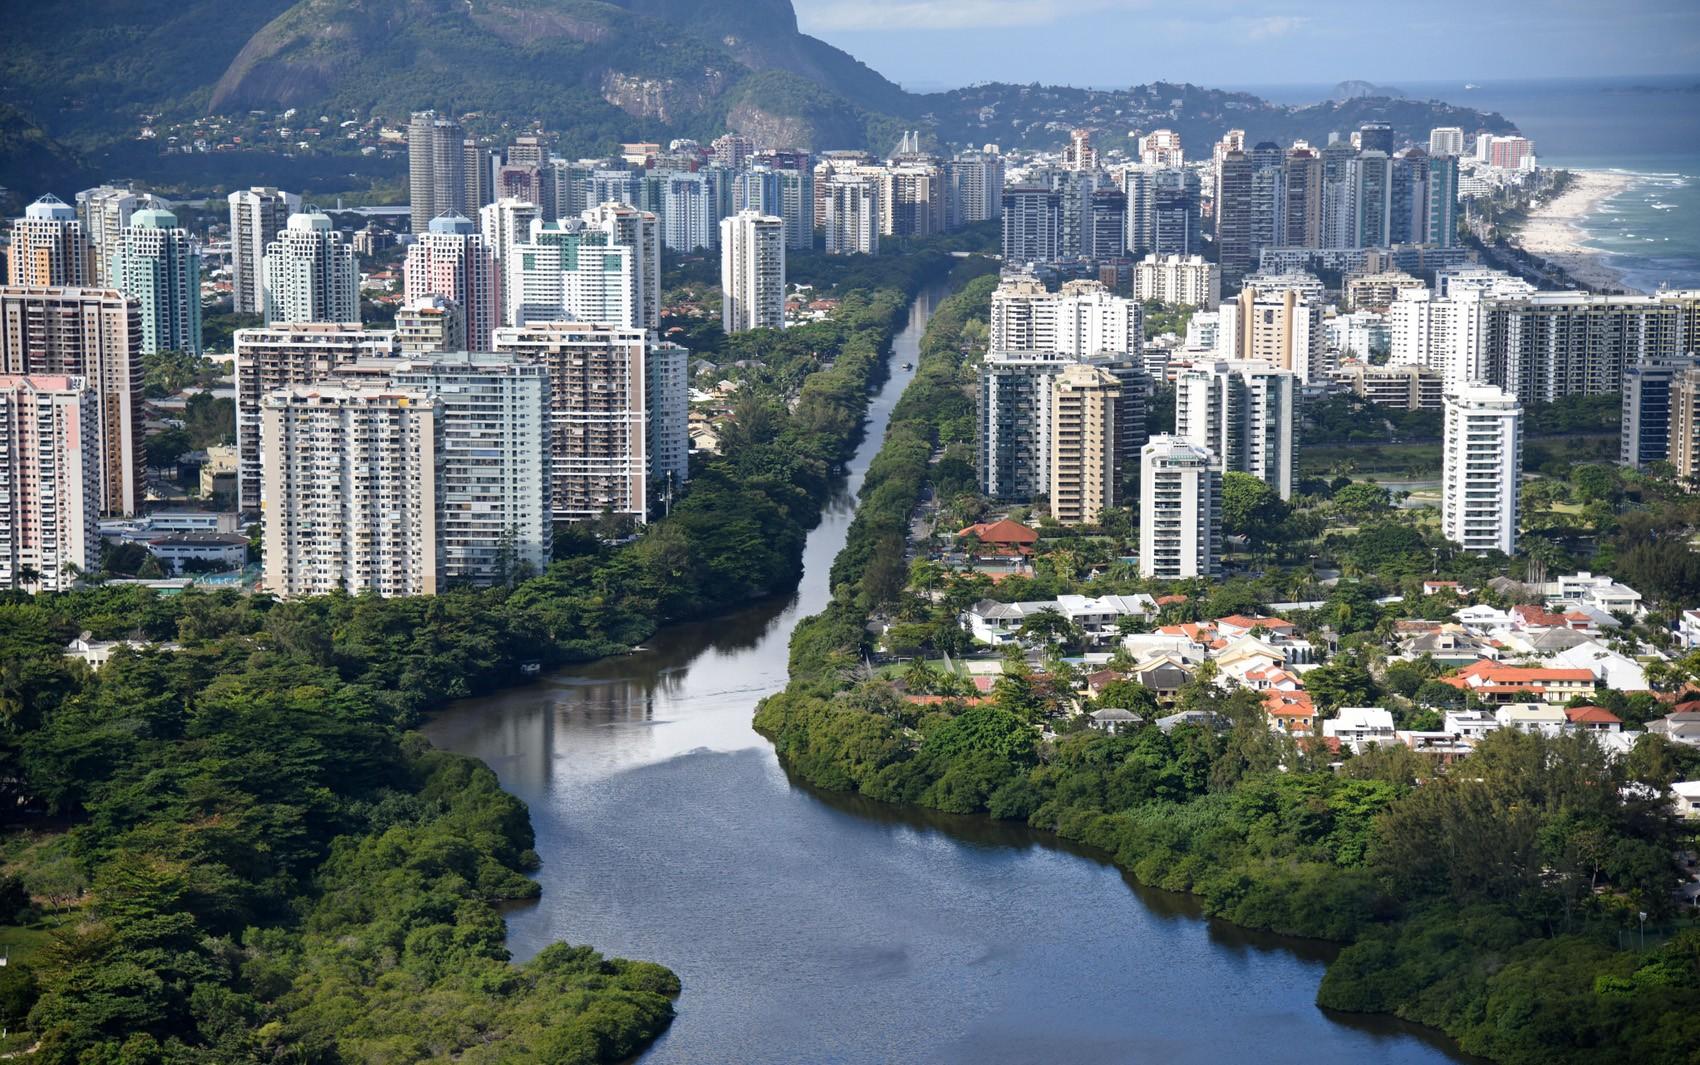 Da invasão olímpica a quartos vazios: crise e insegurança afastam turistas e levam hotéis a bloqueio de andares